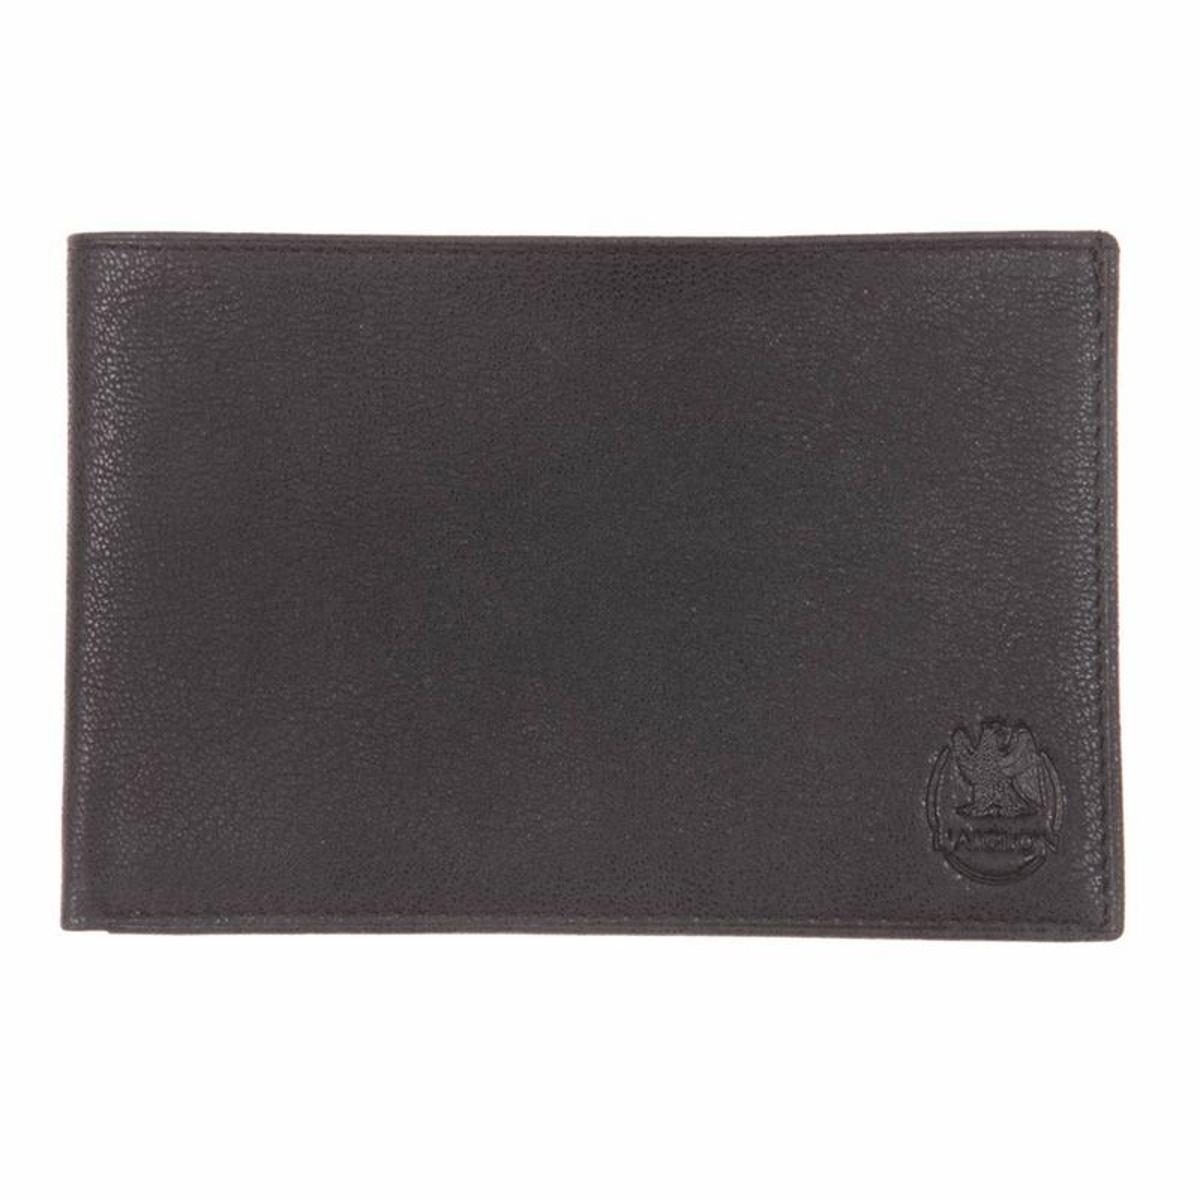 Portefeuille extra plat   10 cartes en cuir grainé vieilli